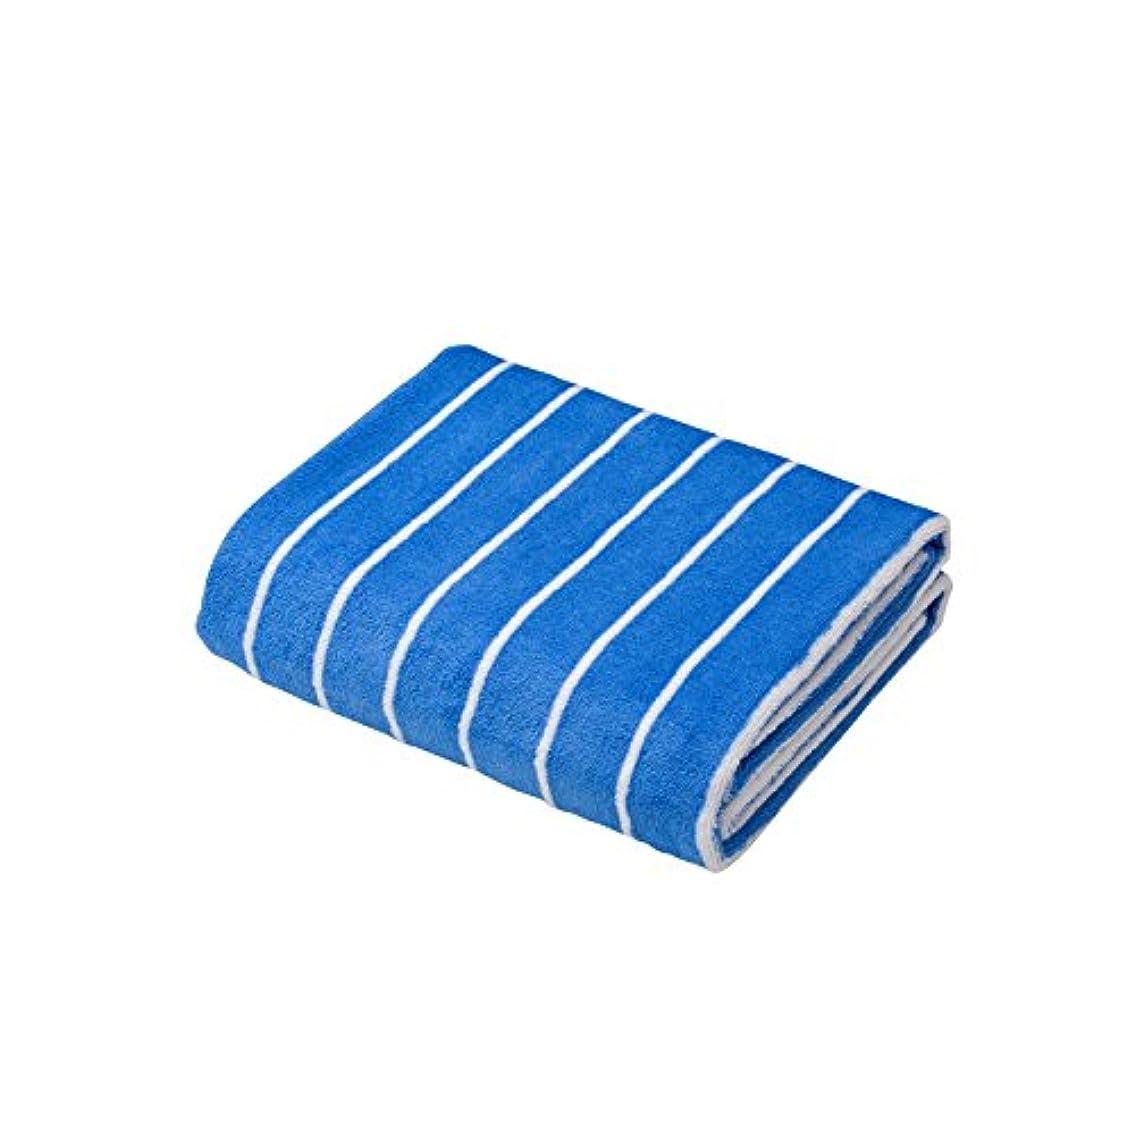 終わらせる占める受け入れるシービージャパン タオル ストライプ ブルー×ホワイト 速乾 ヘアドライタオル マイクロファイバー カラリクオ carari